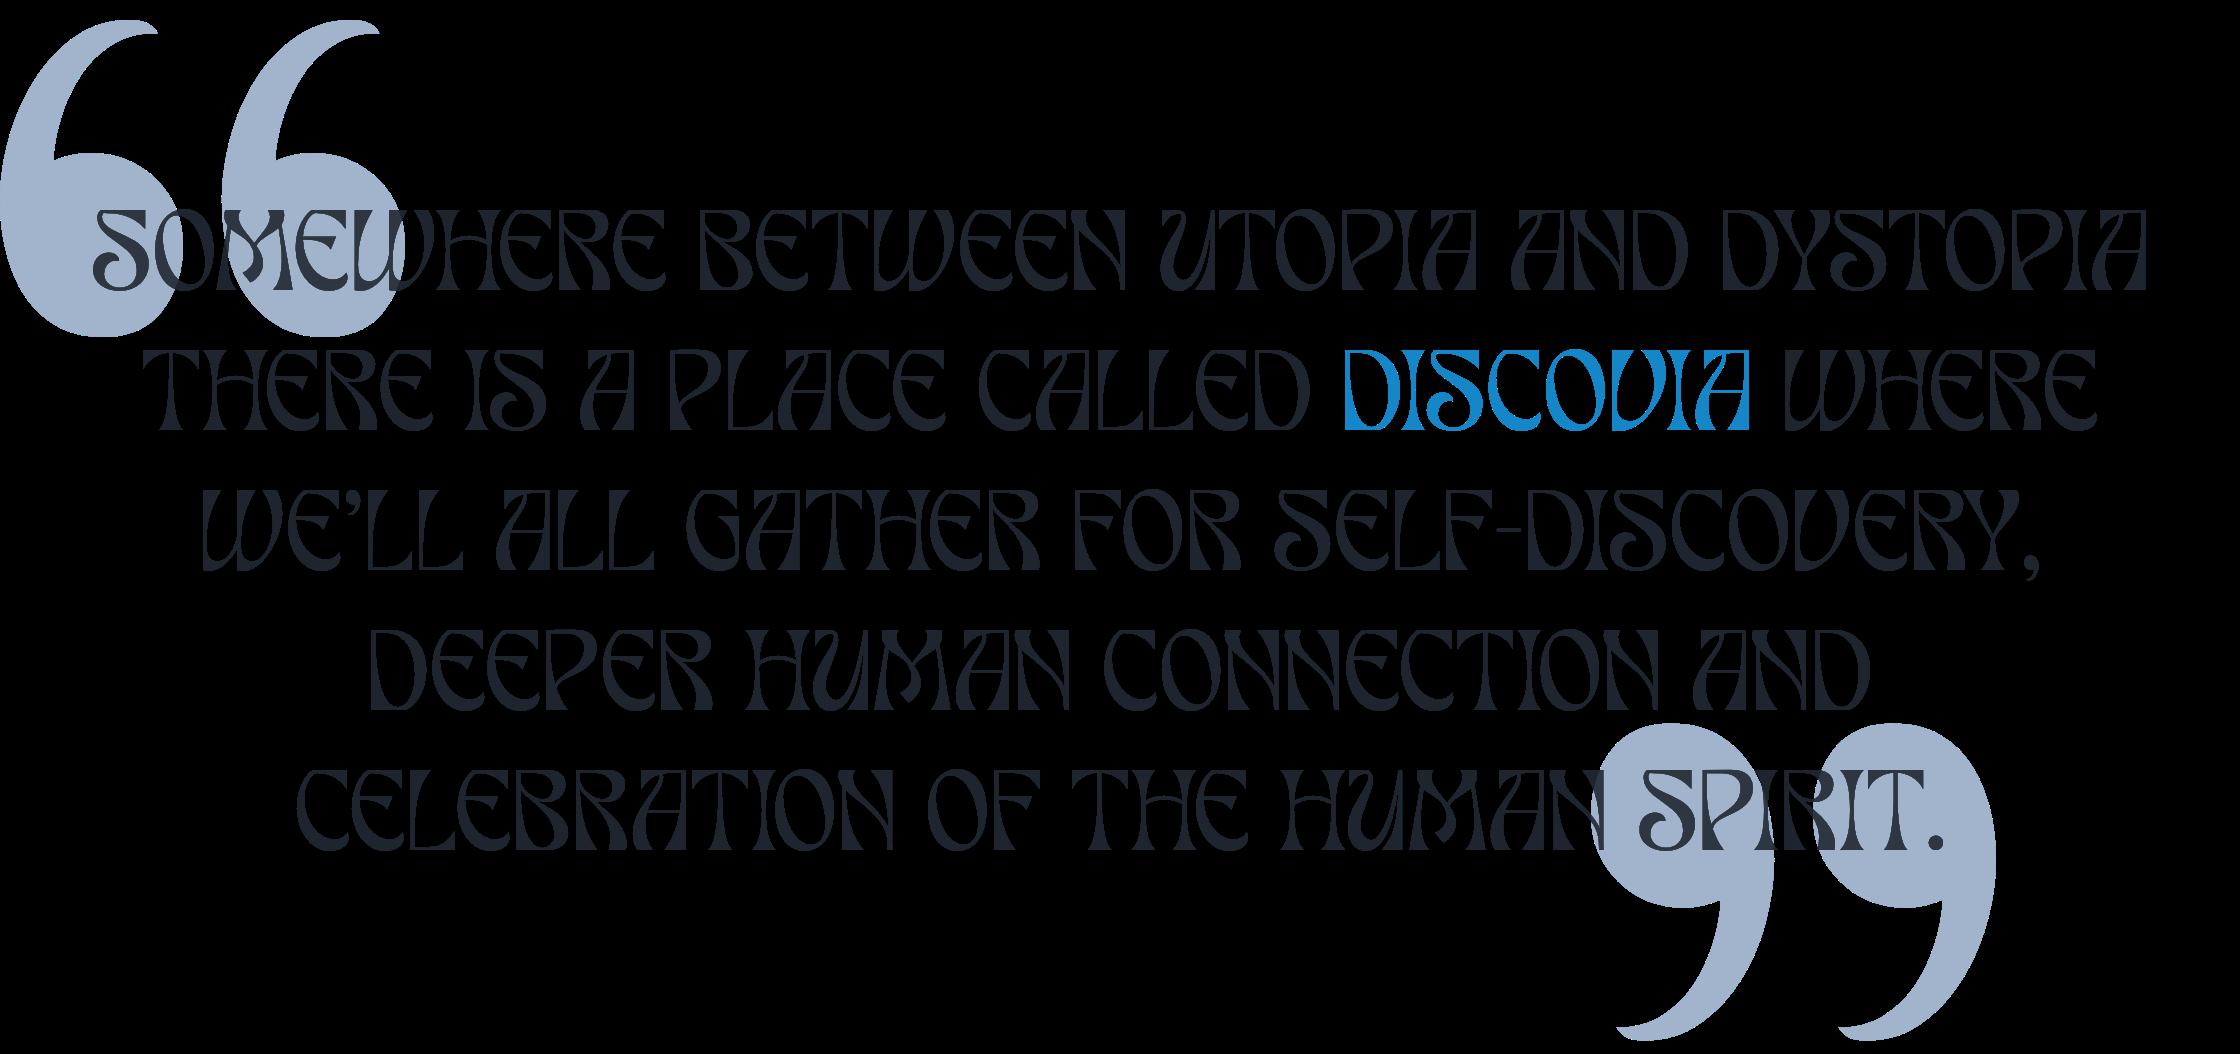 Discovia Intro Quote_b@2x